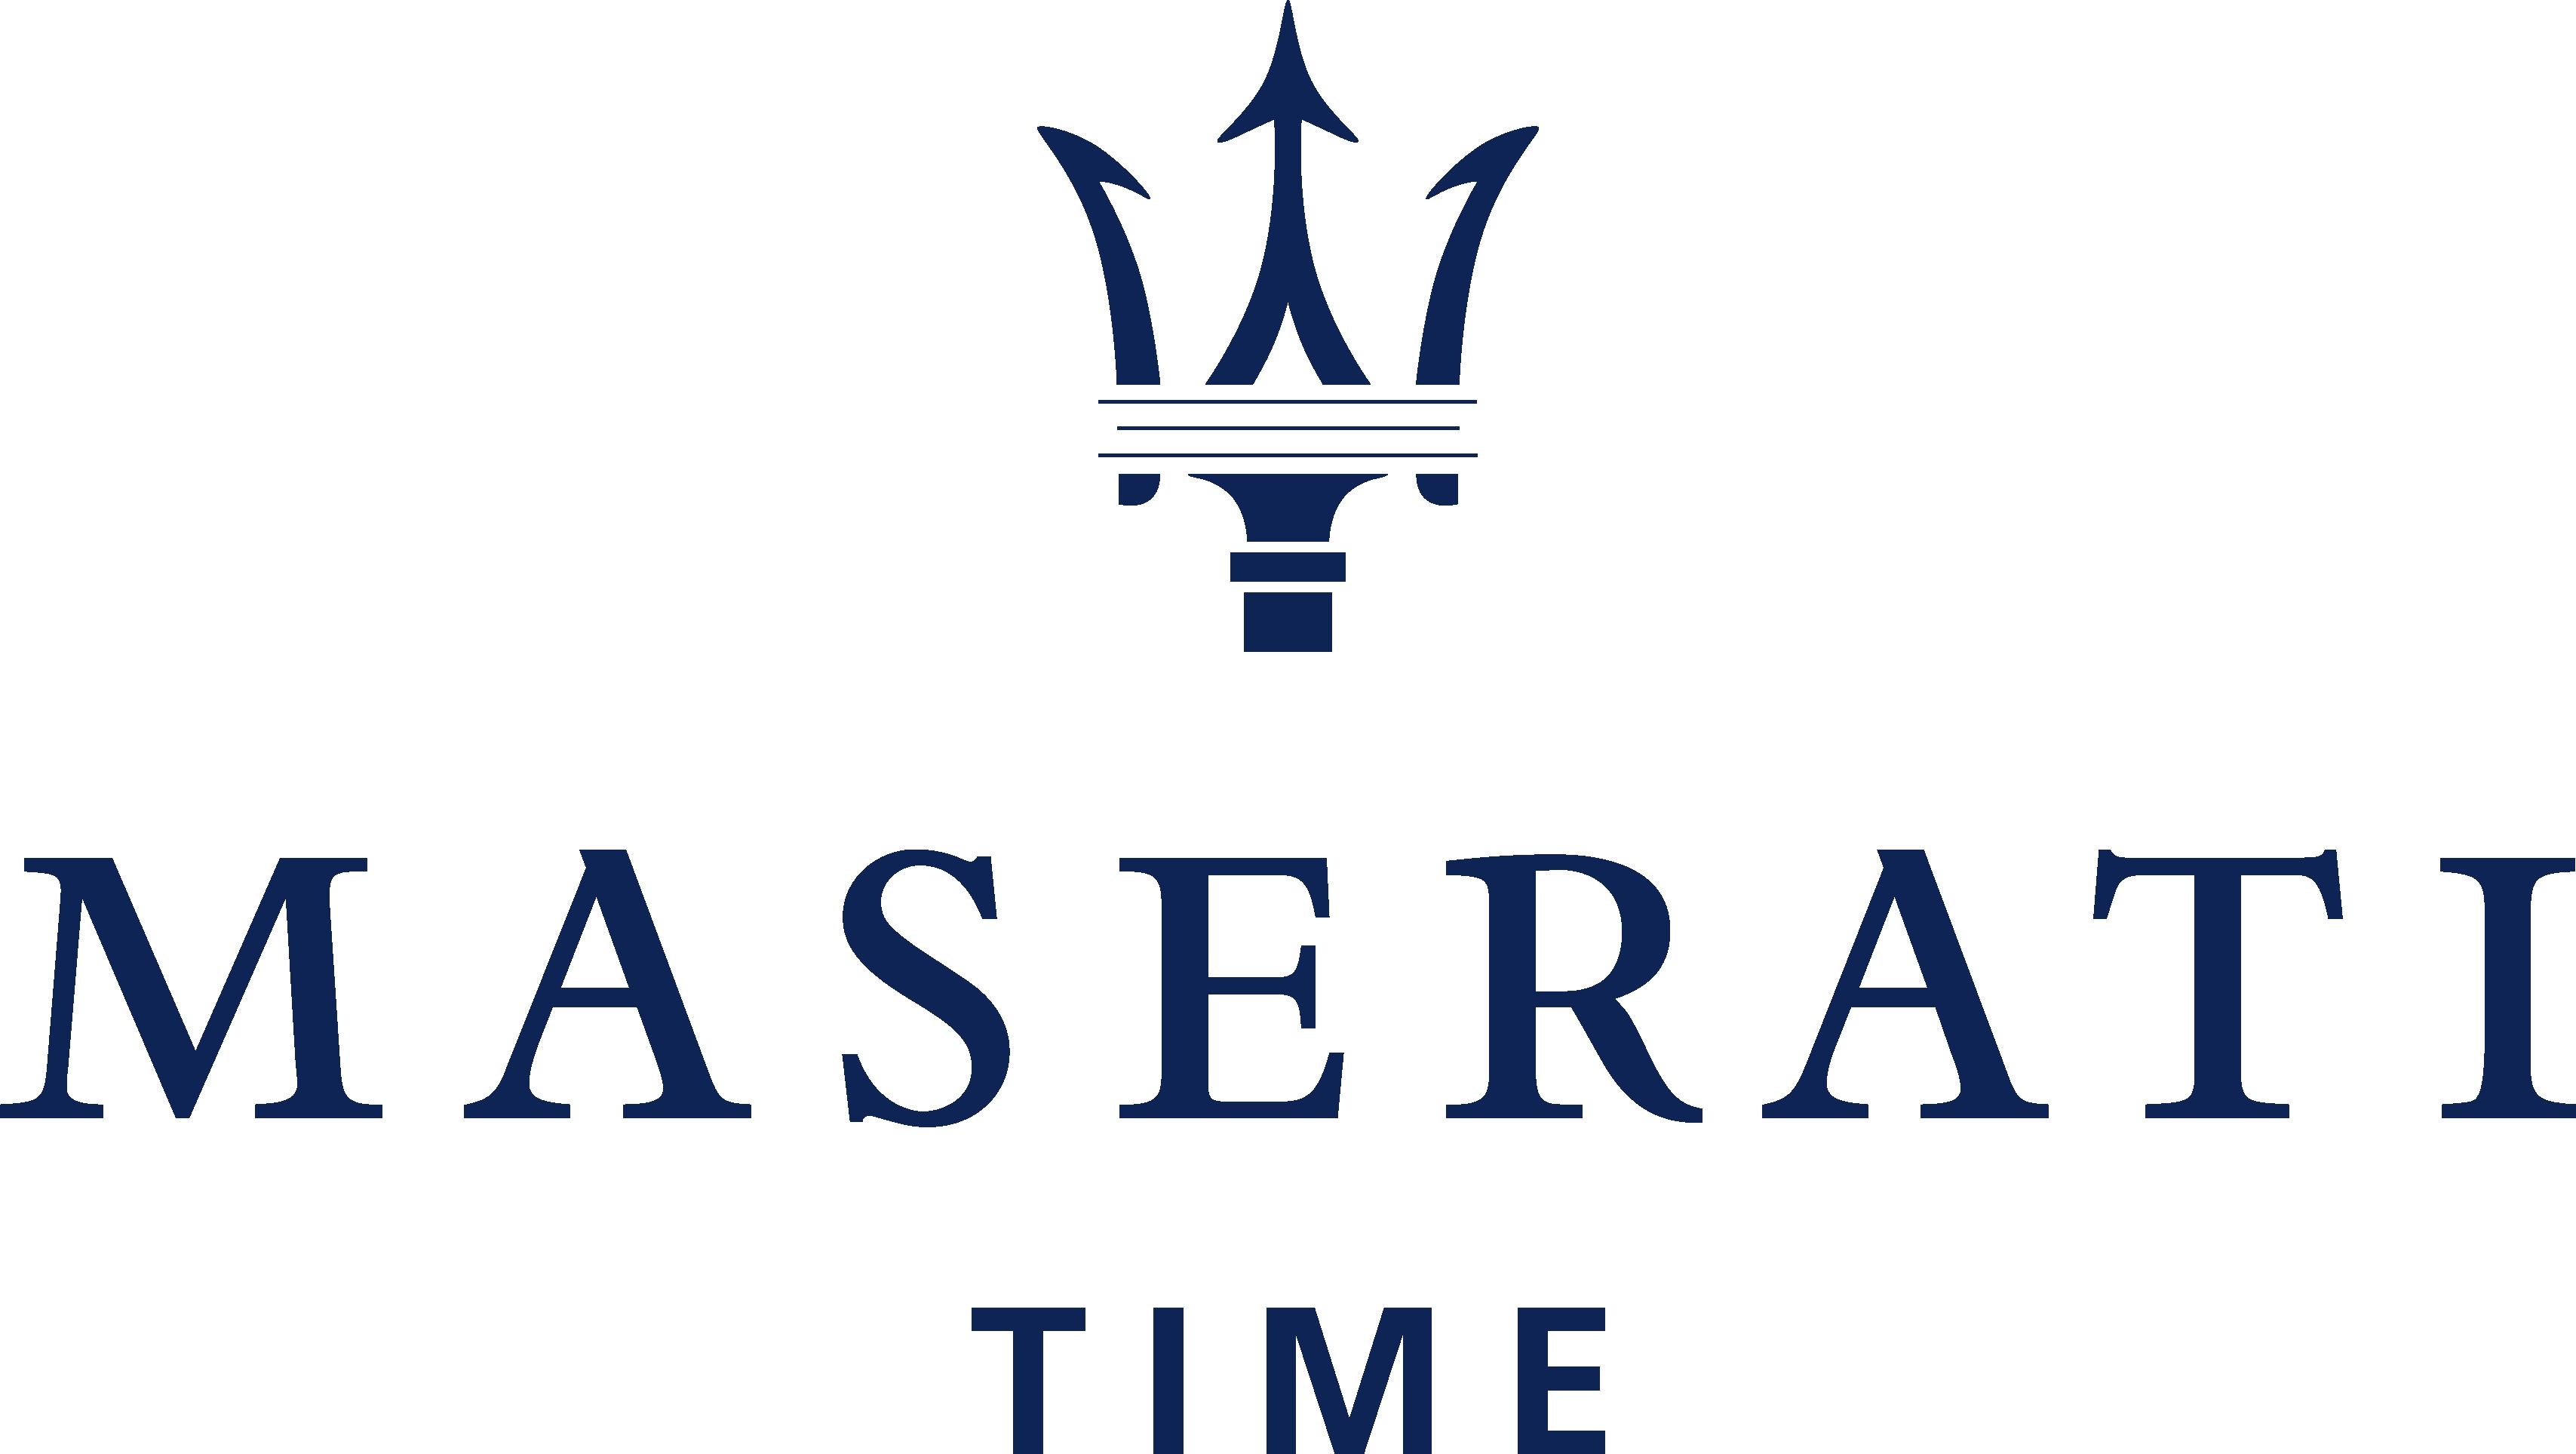 Maserati Logo Vector PNG - 111415